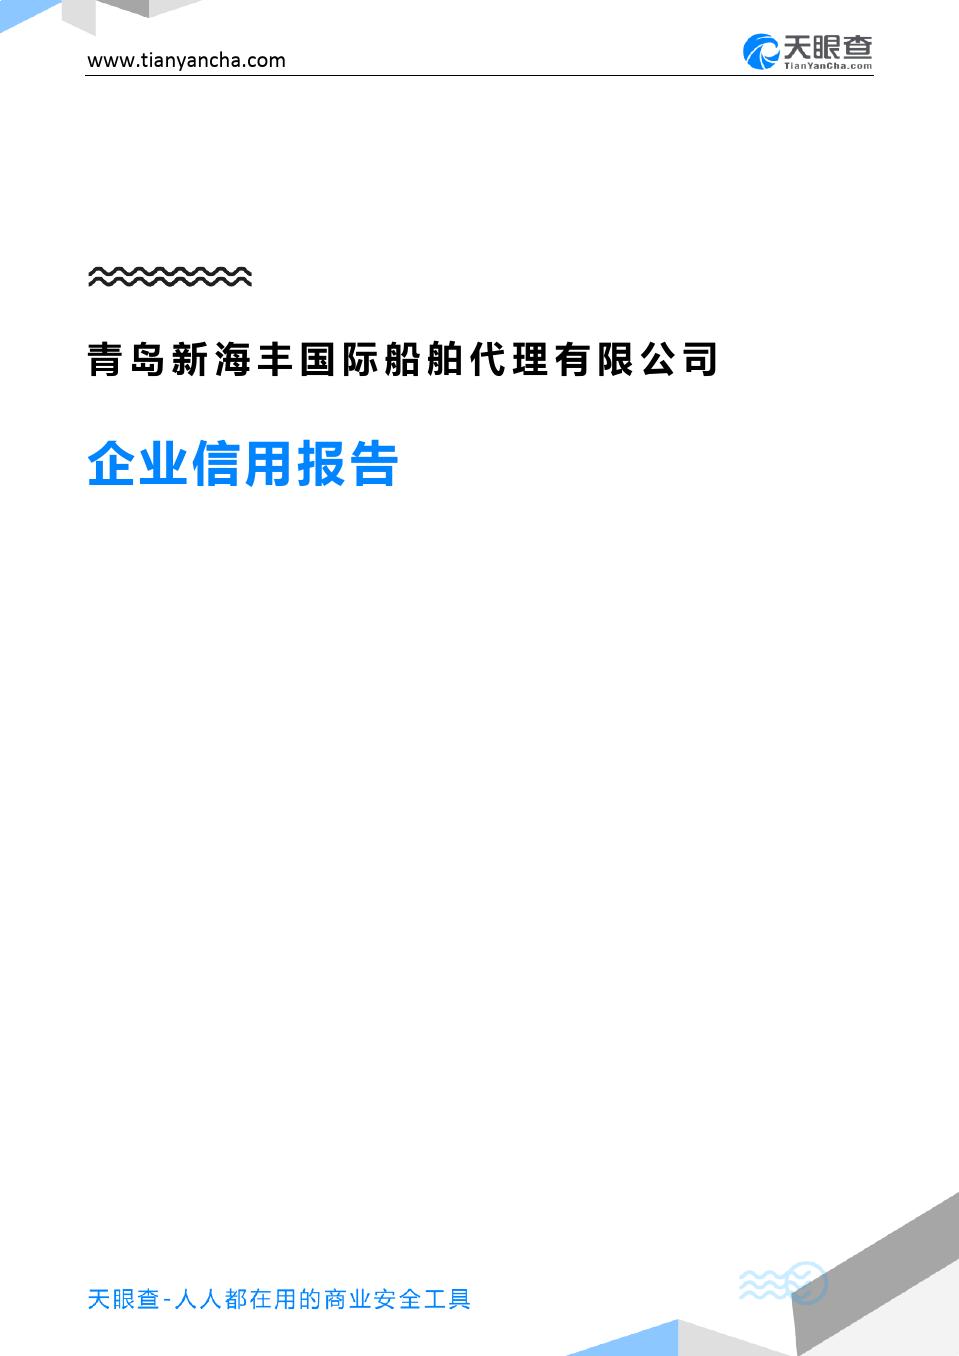 青岛新海丰国际船舶代理有限公司(企业信用报告)- 天眼查